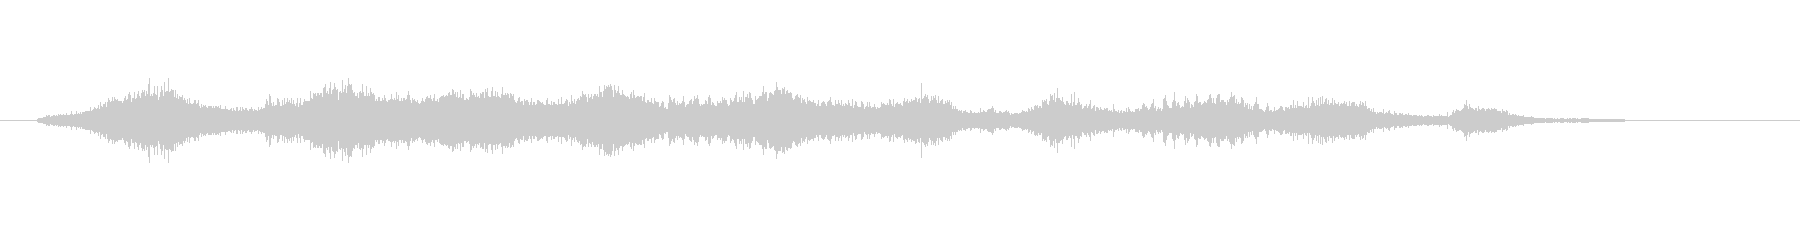 波の音と鳥のさえずりの未再生の波形